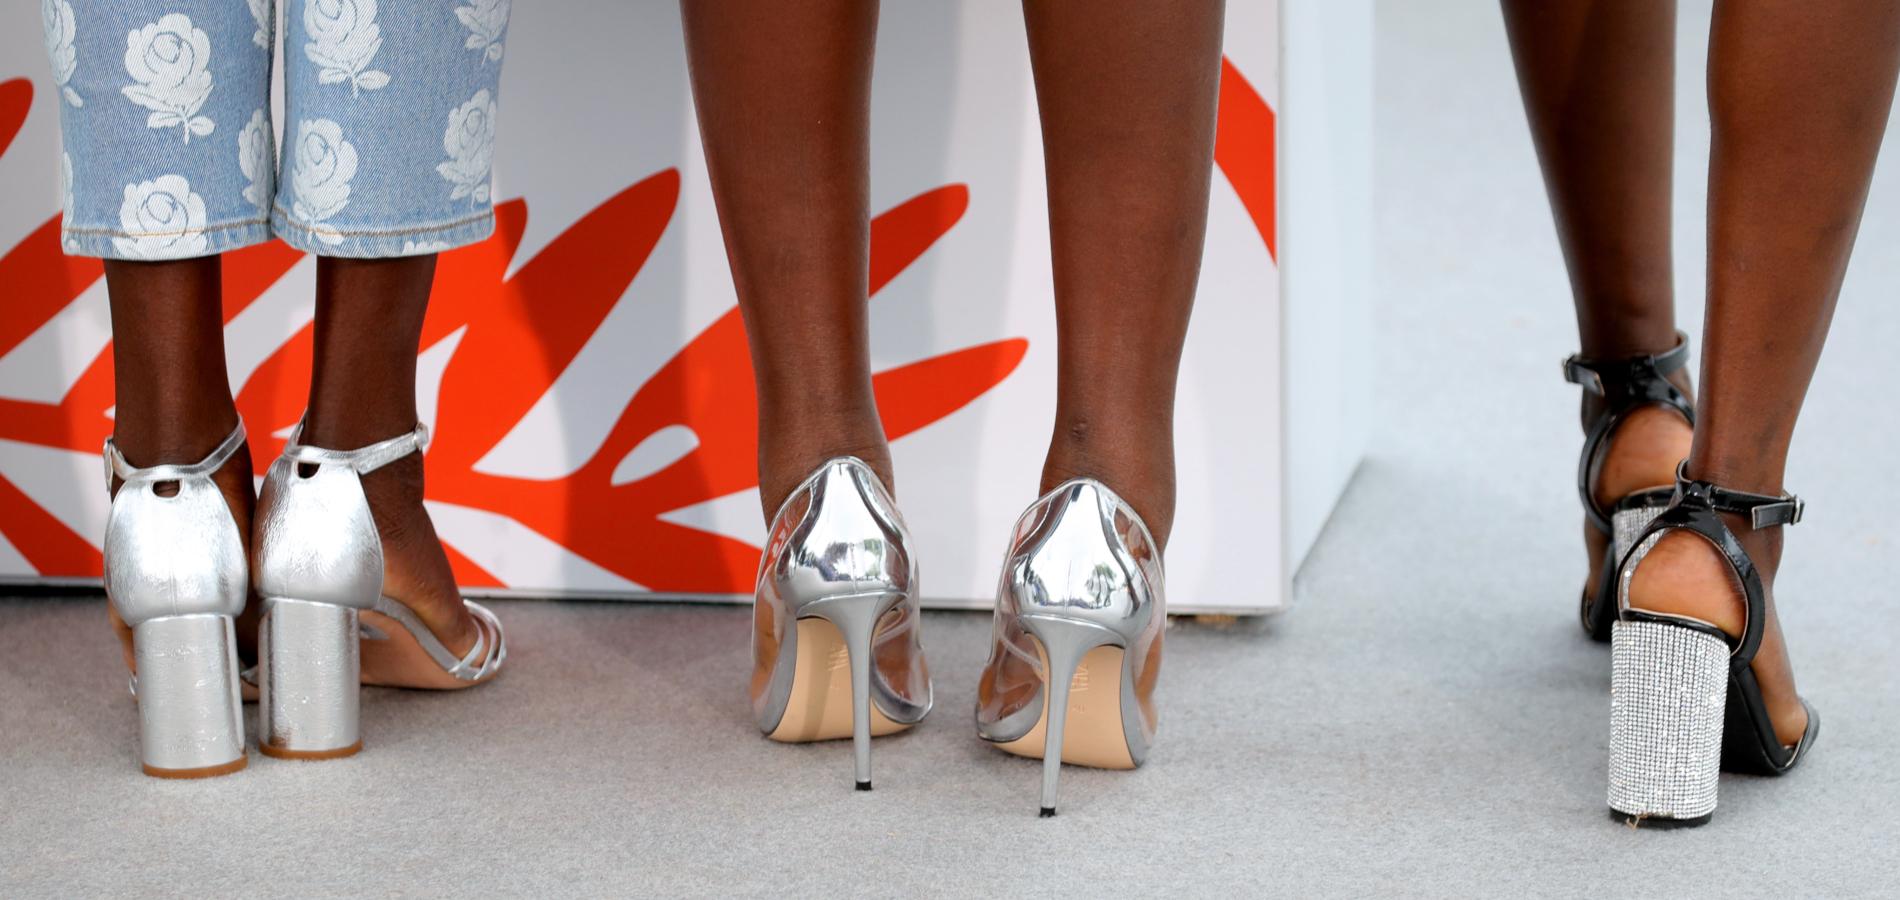 Scandale à Cannes : une journaliste américaine refusée à